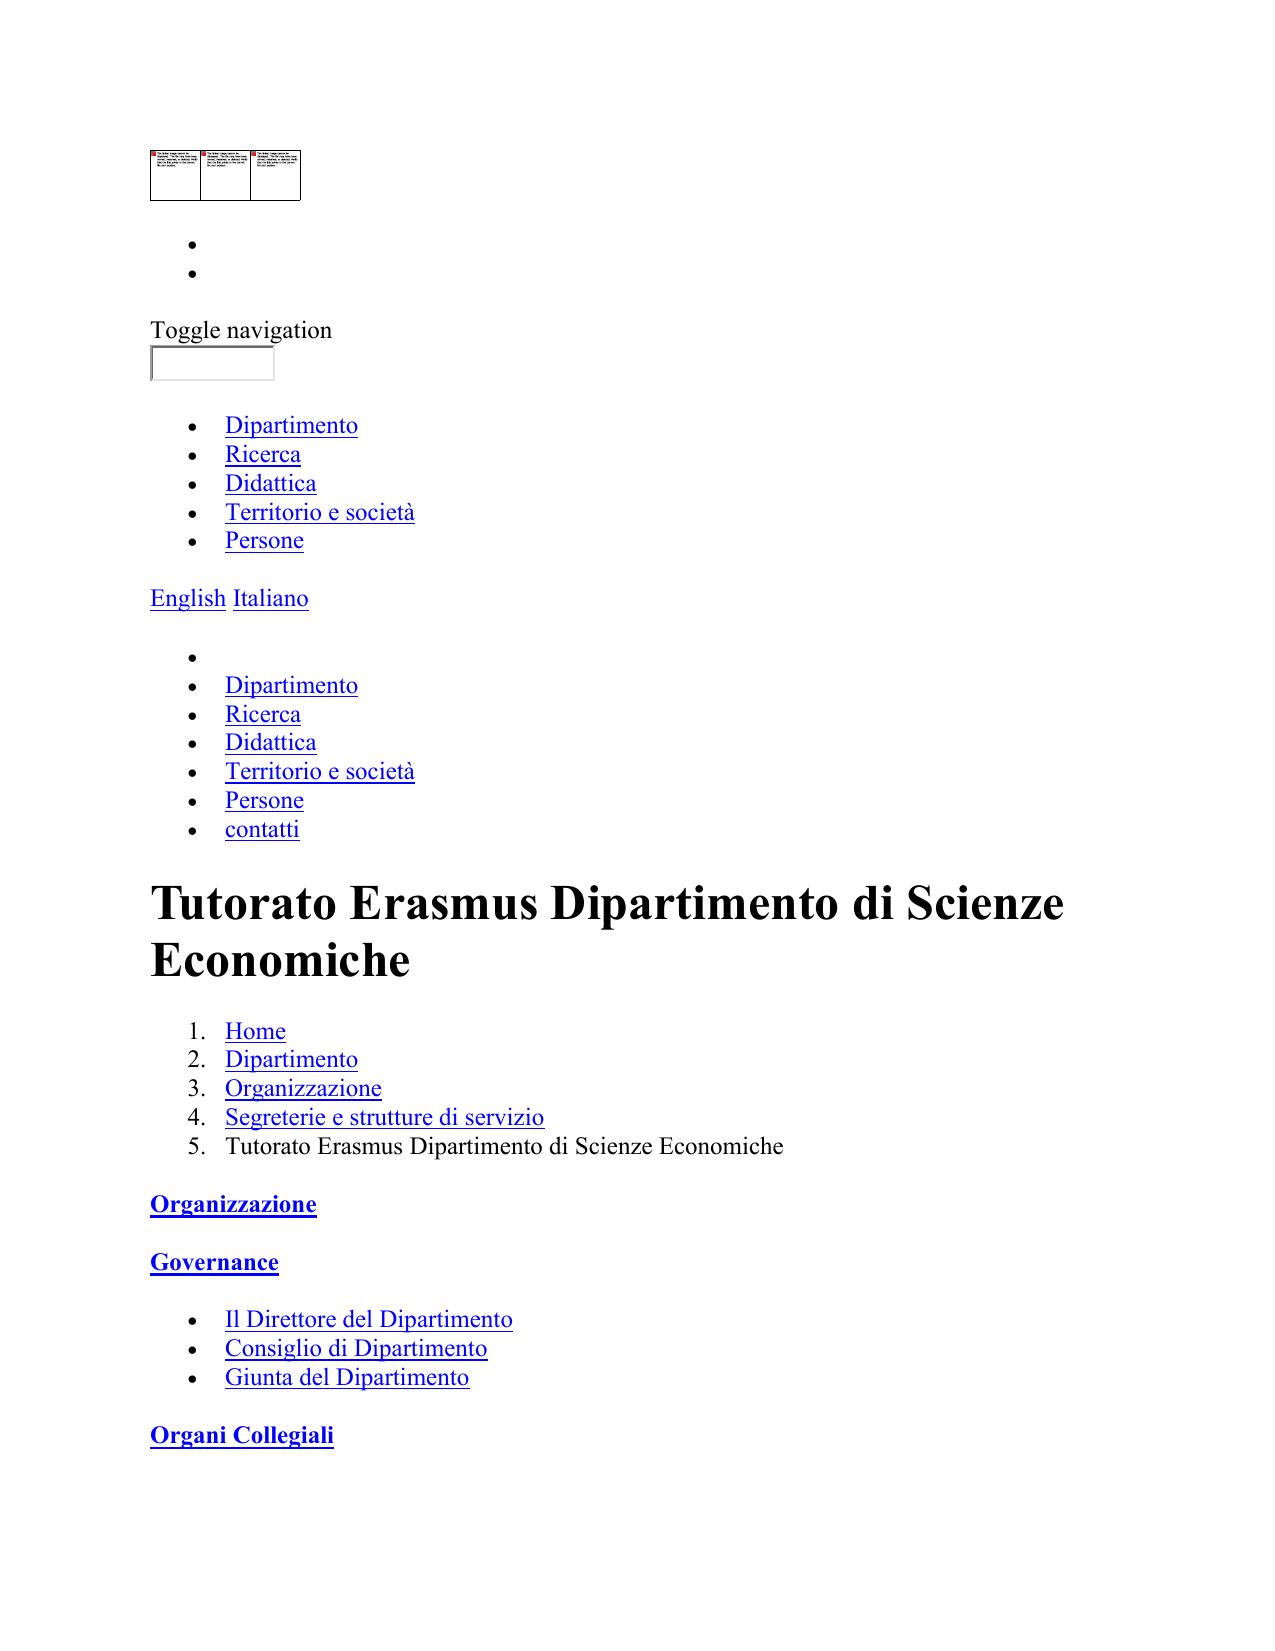 Calendario Didattico Univr Economia.Tutorato Erasmus Dipartimento Di Scienze Economiche